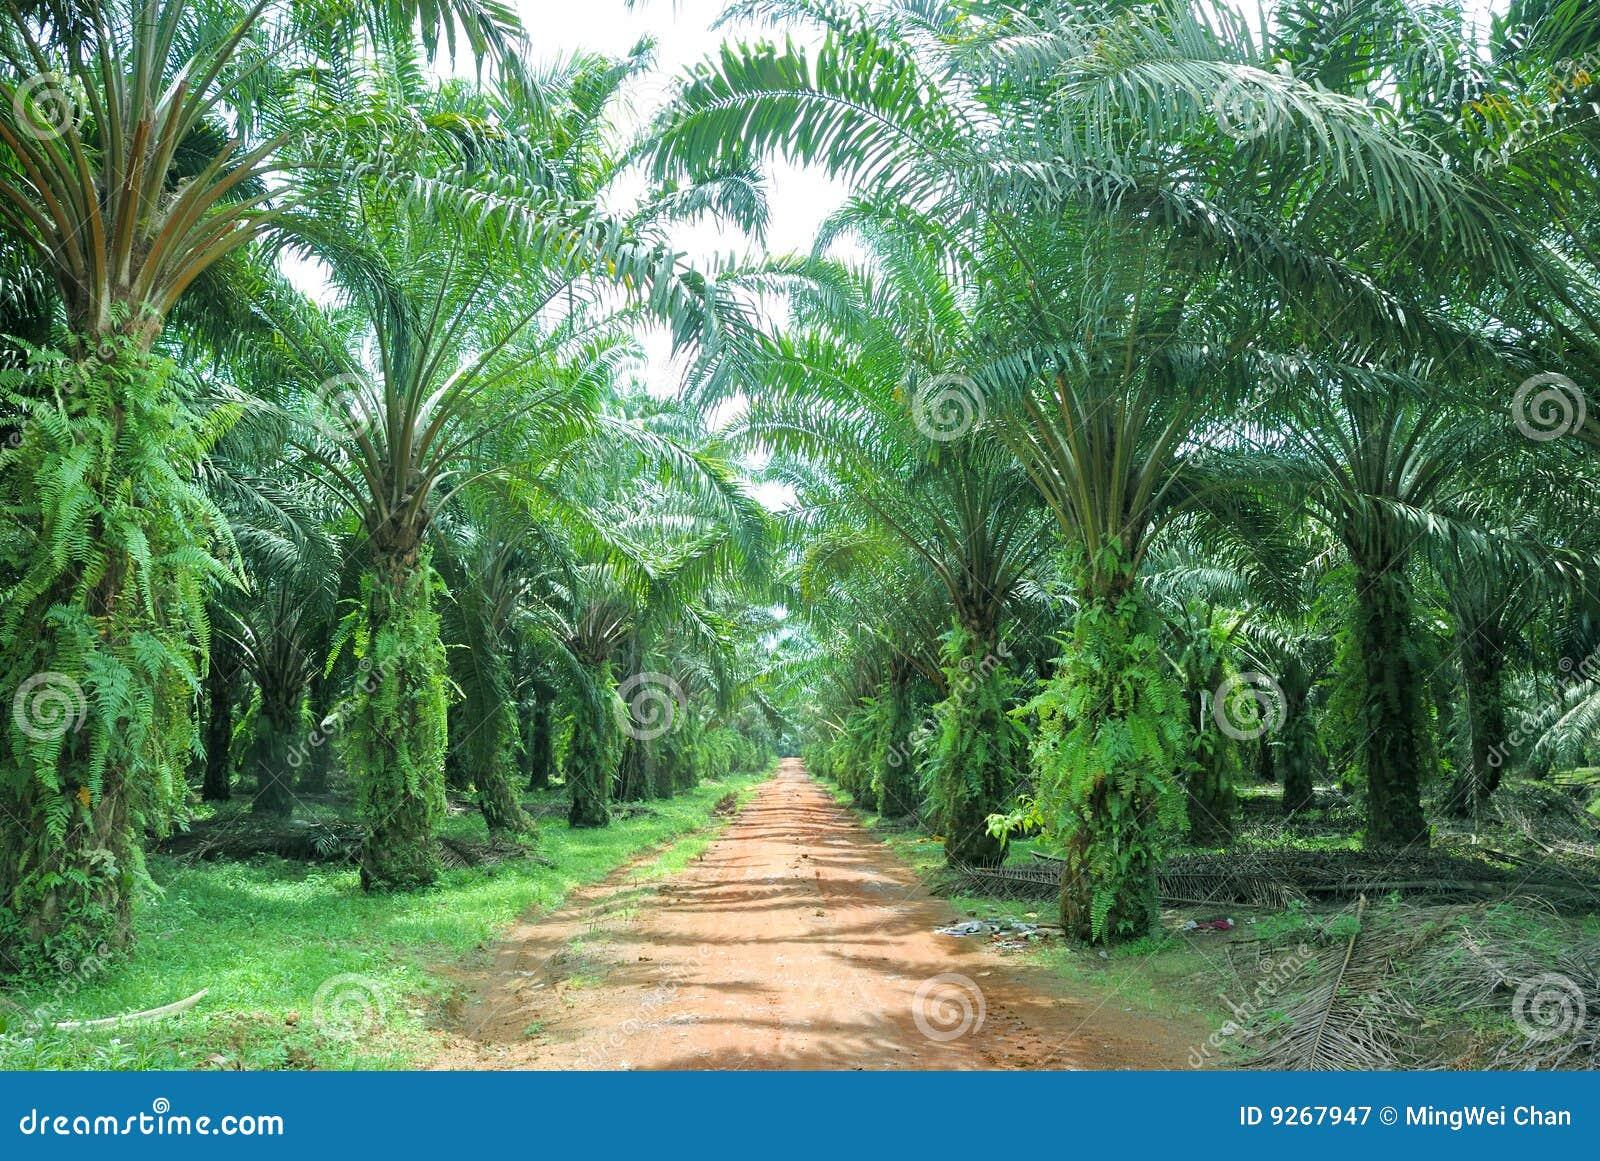 Oil Palm Estate